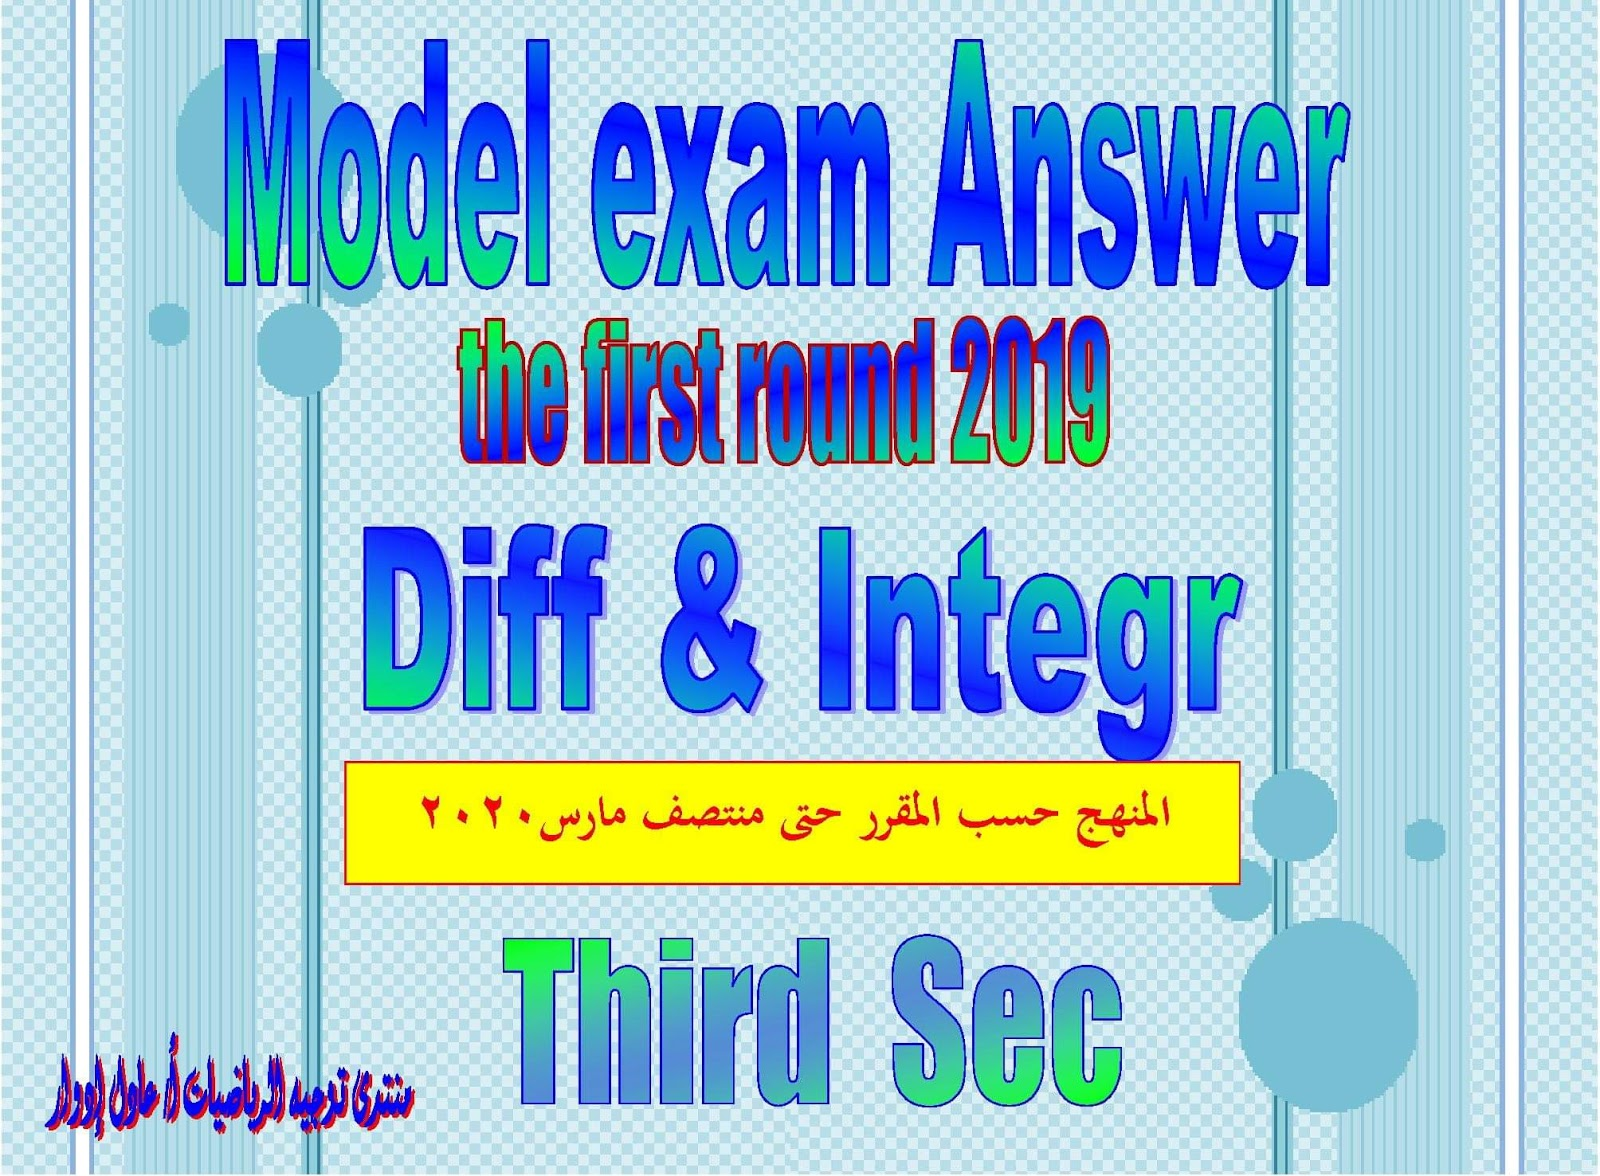 امتحان التفاضل والتكامل ( لغات ) للصف الثالث الثانوى ونموذج الإجابة الرسمى له بالدرجات - دور أول للعام 2019